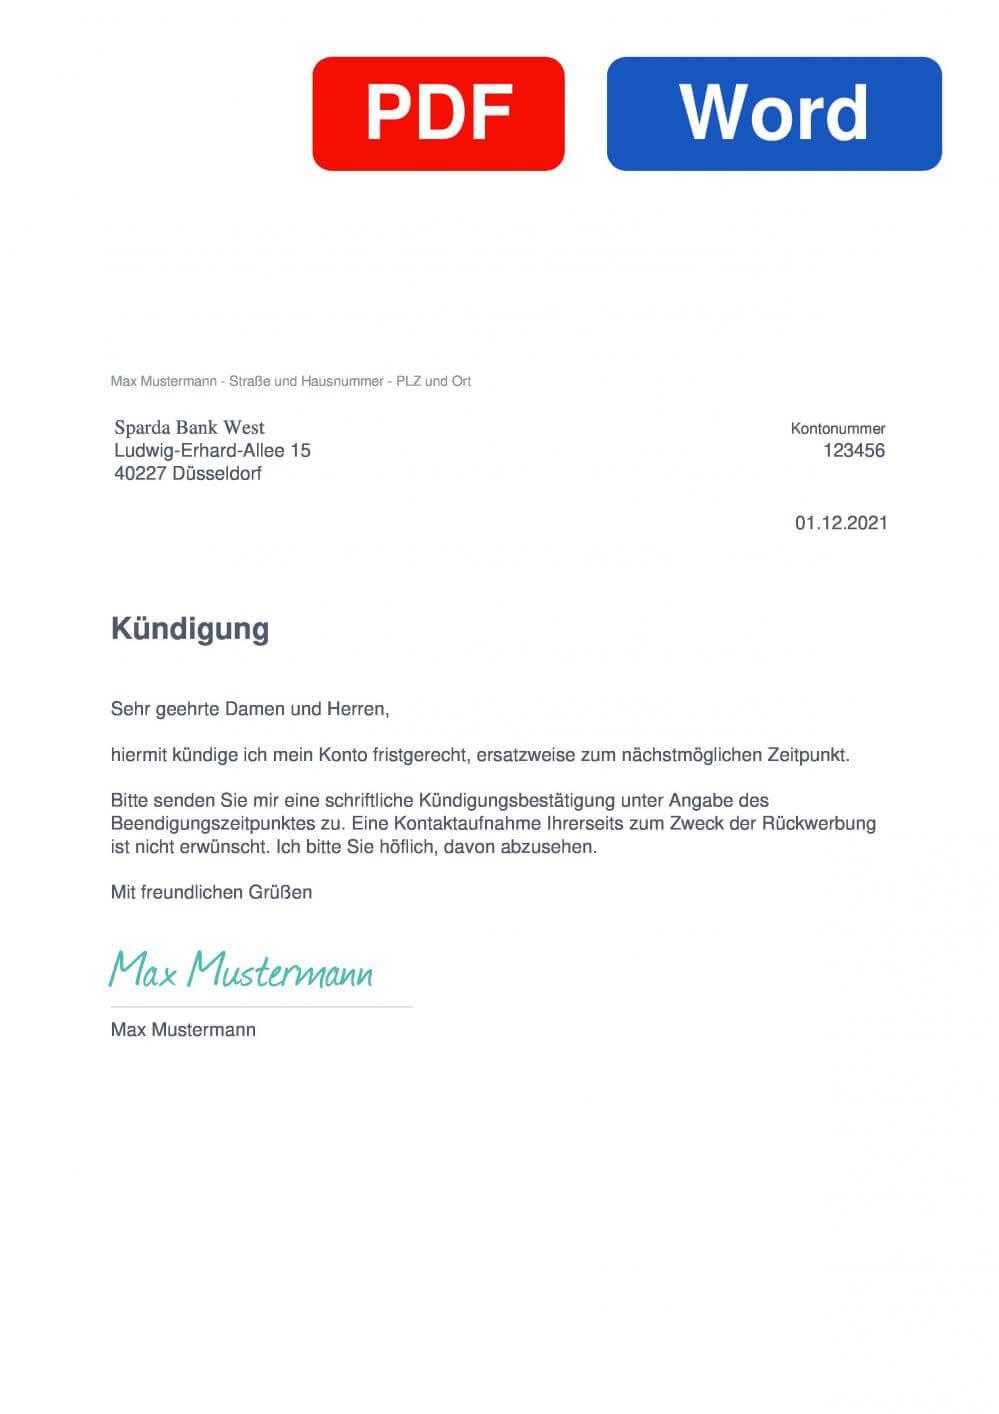 Sparda-Bank Münster Muster Vorlage für Kündigungsschreiben